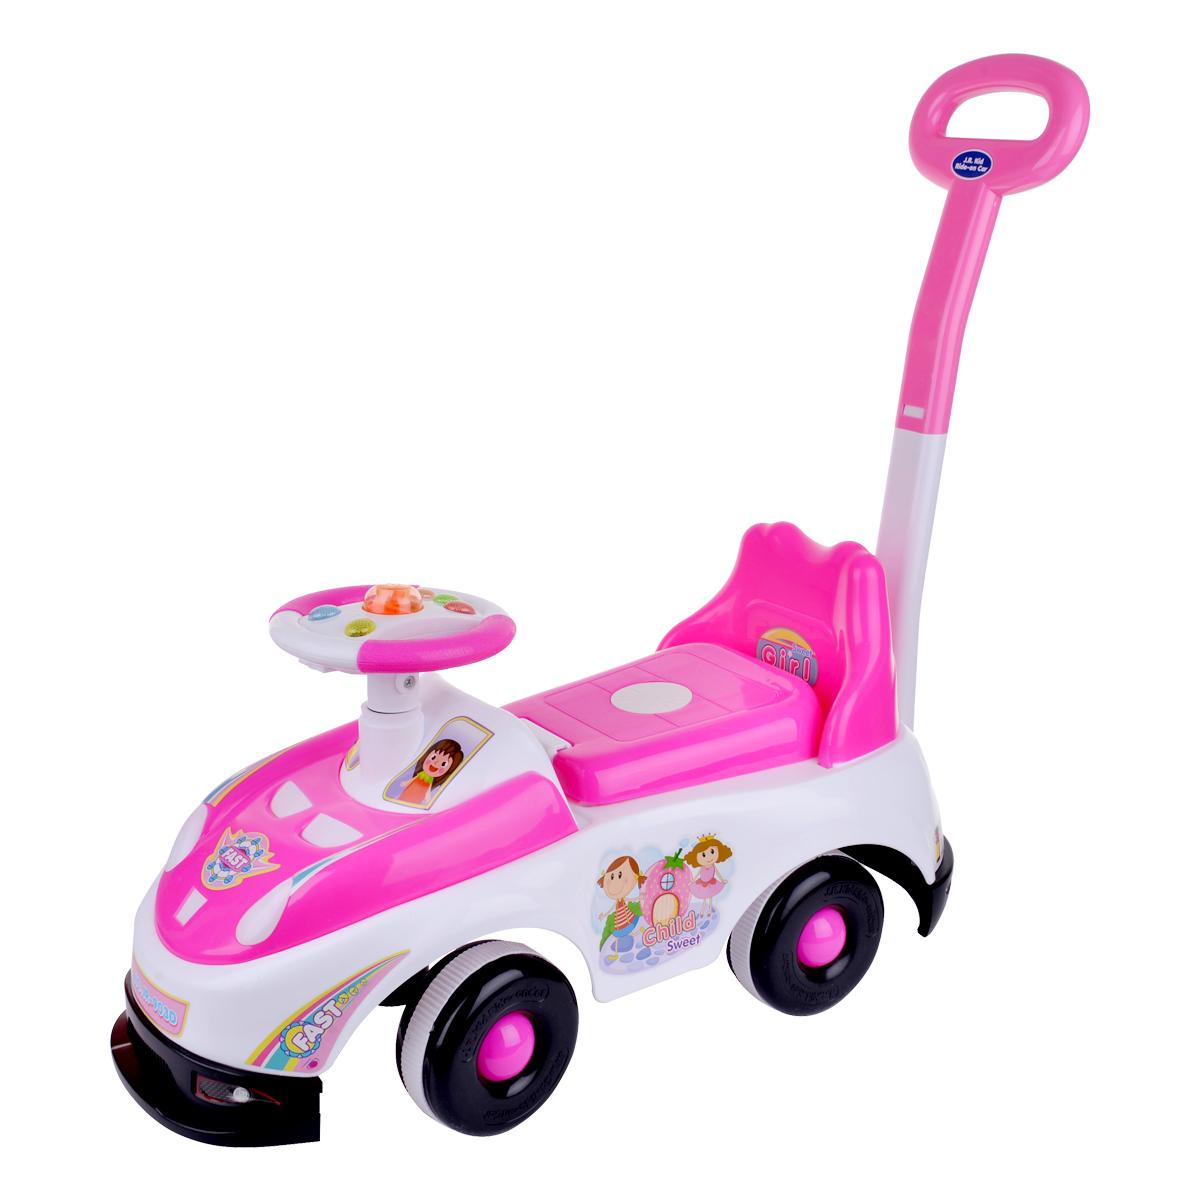 سيارة دفع للاطفال الوان متعدده - رقم 101545 - من ماي مارت